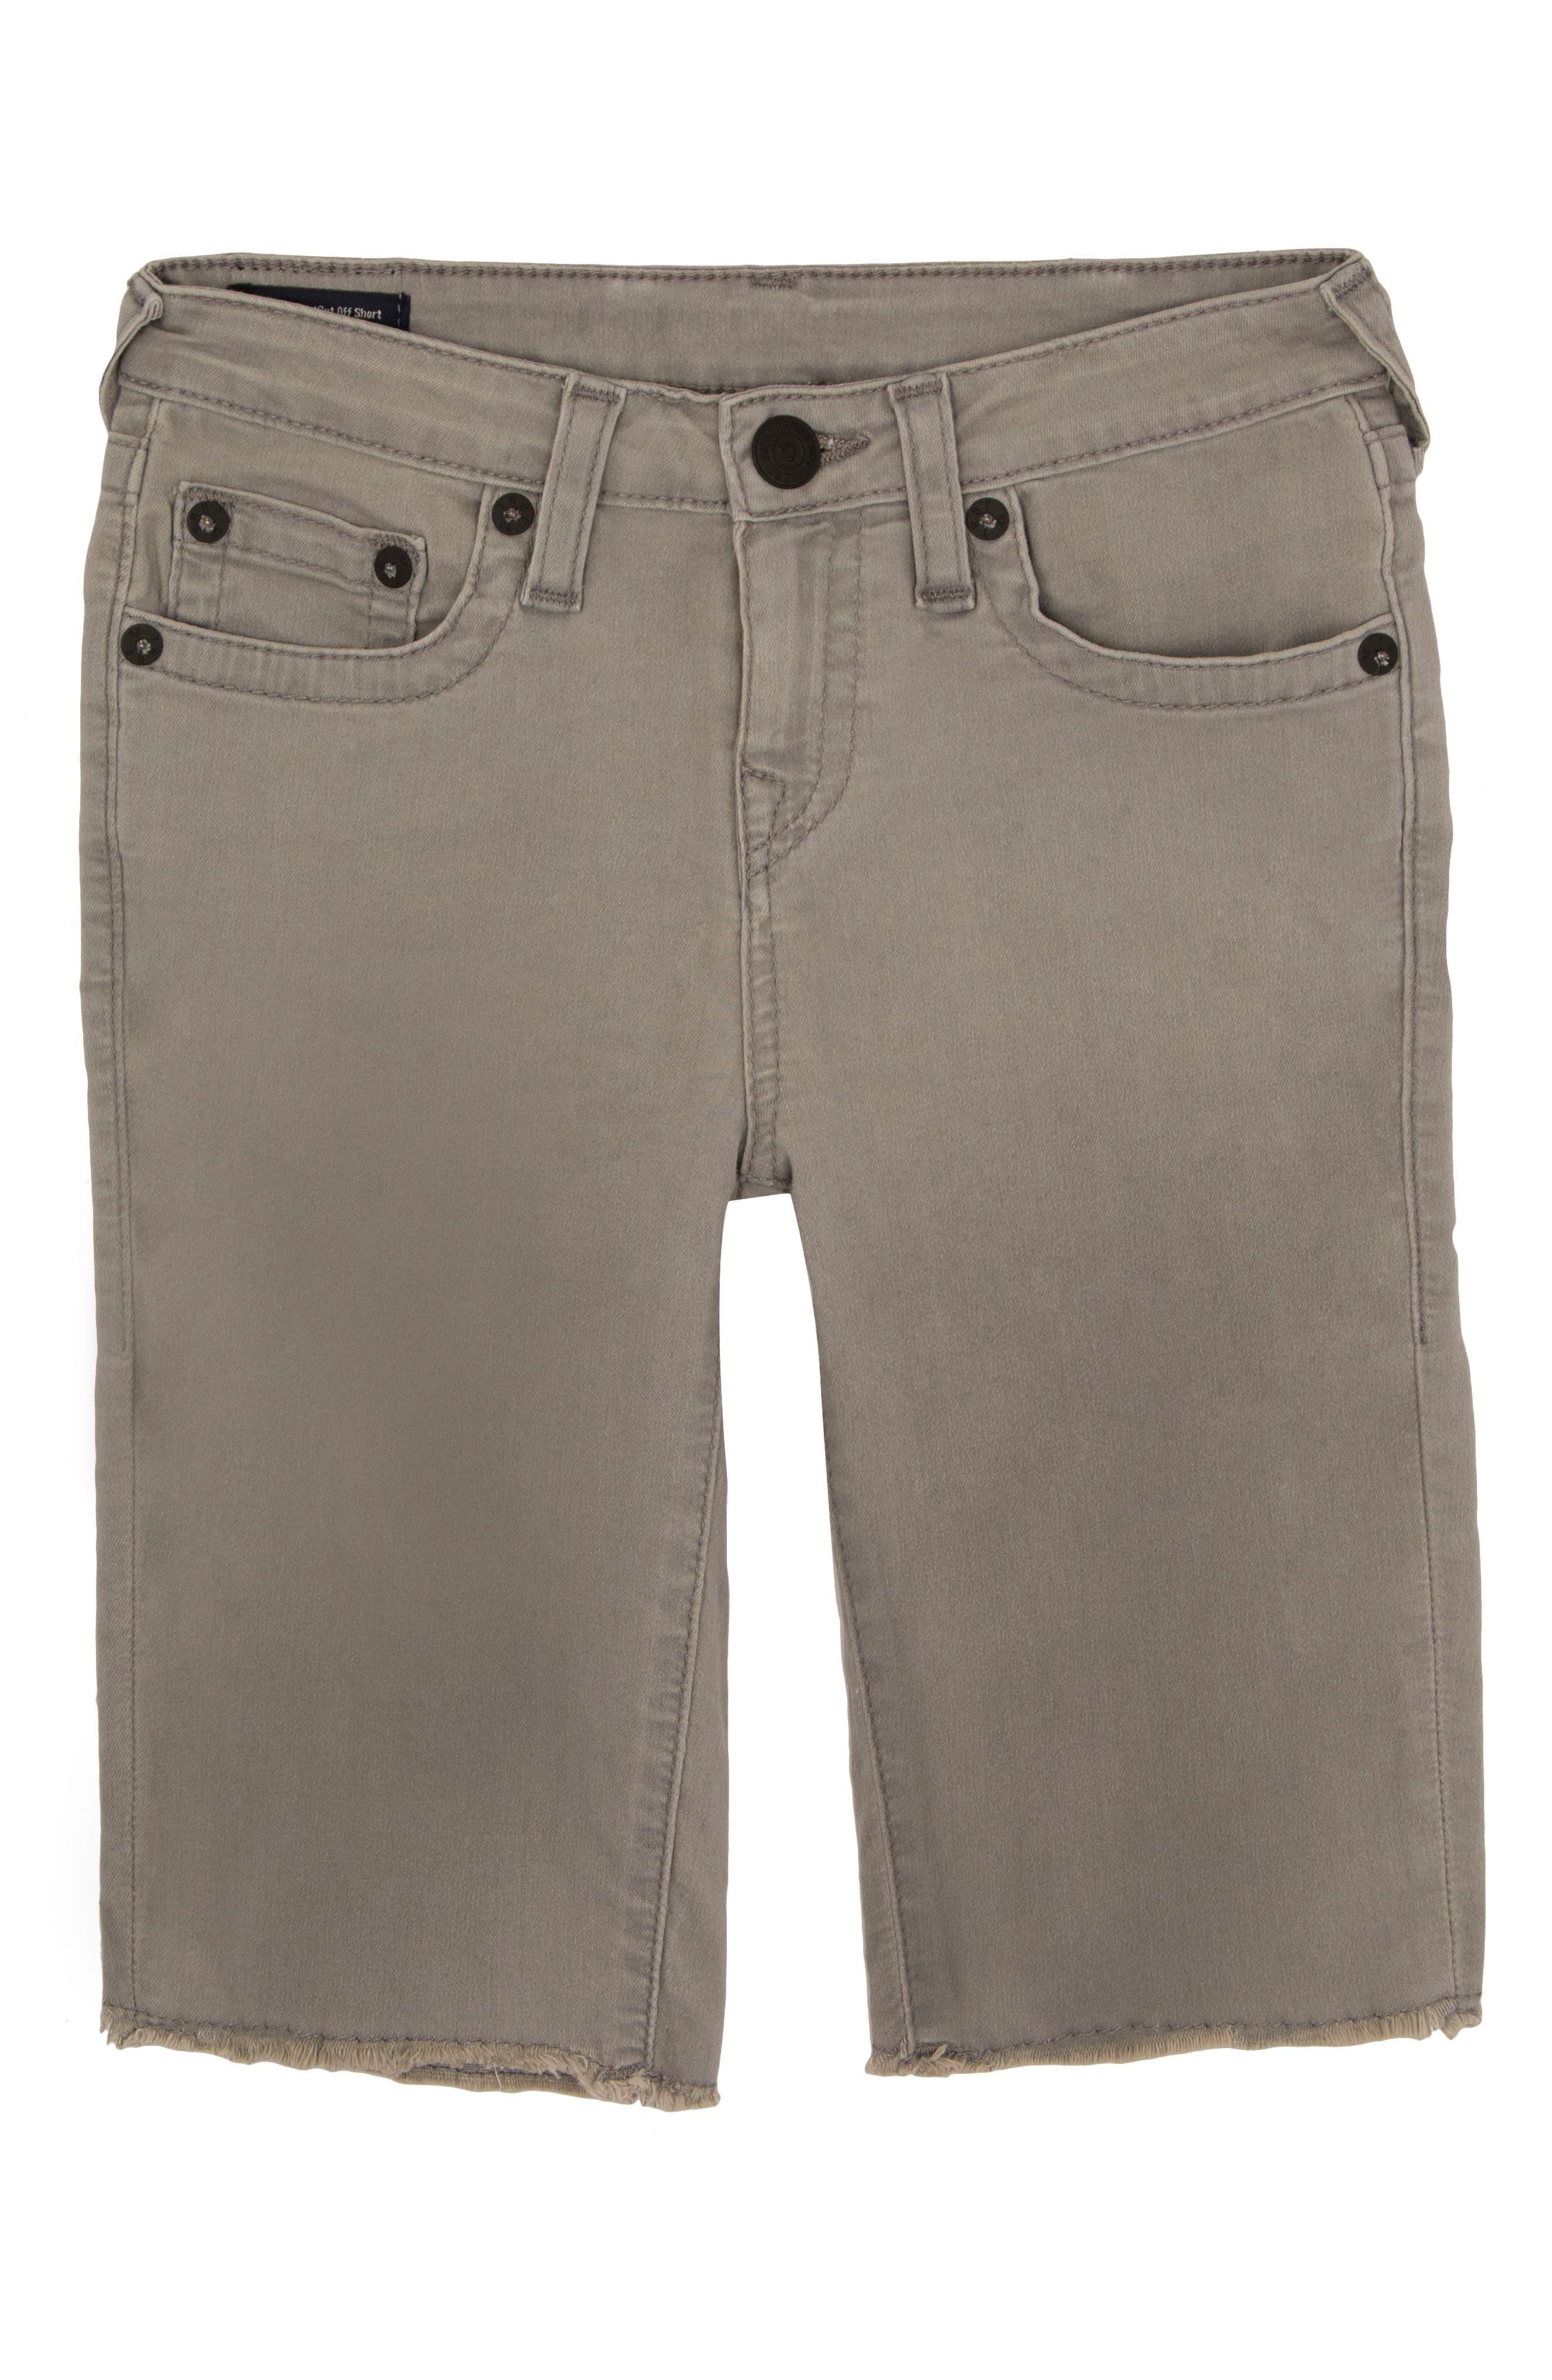 Geno Shorts,                             Main thumbnail 1, color,                             Grey Sky